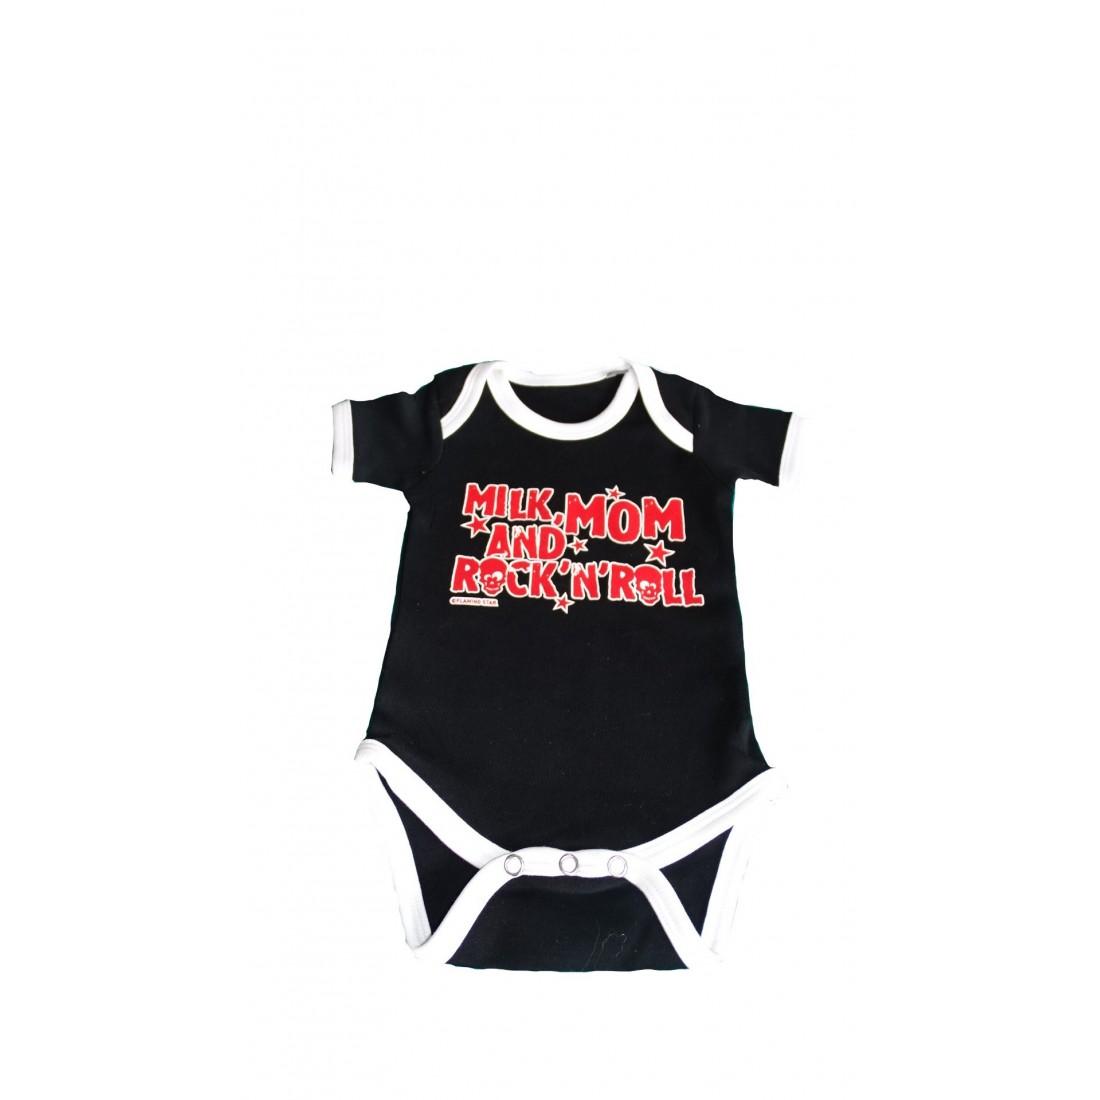 Body bébé rock noir blanc rouge